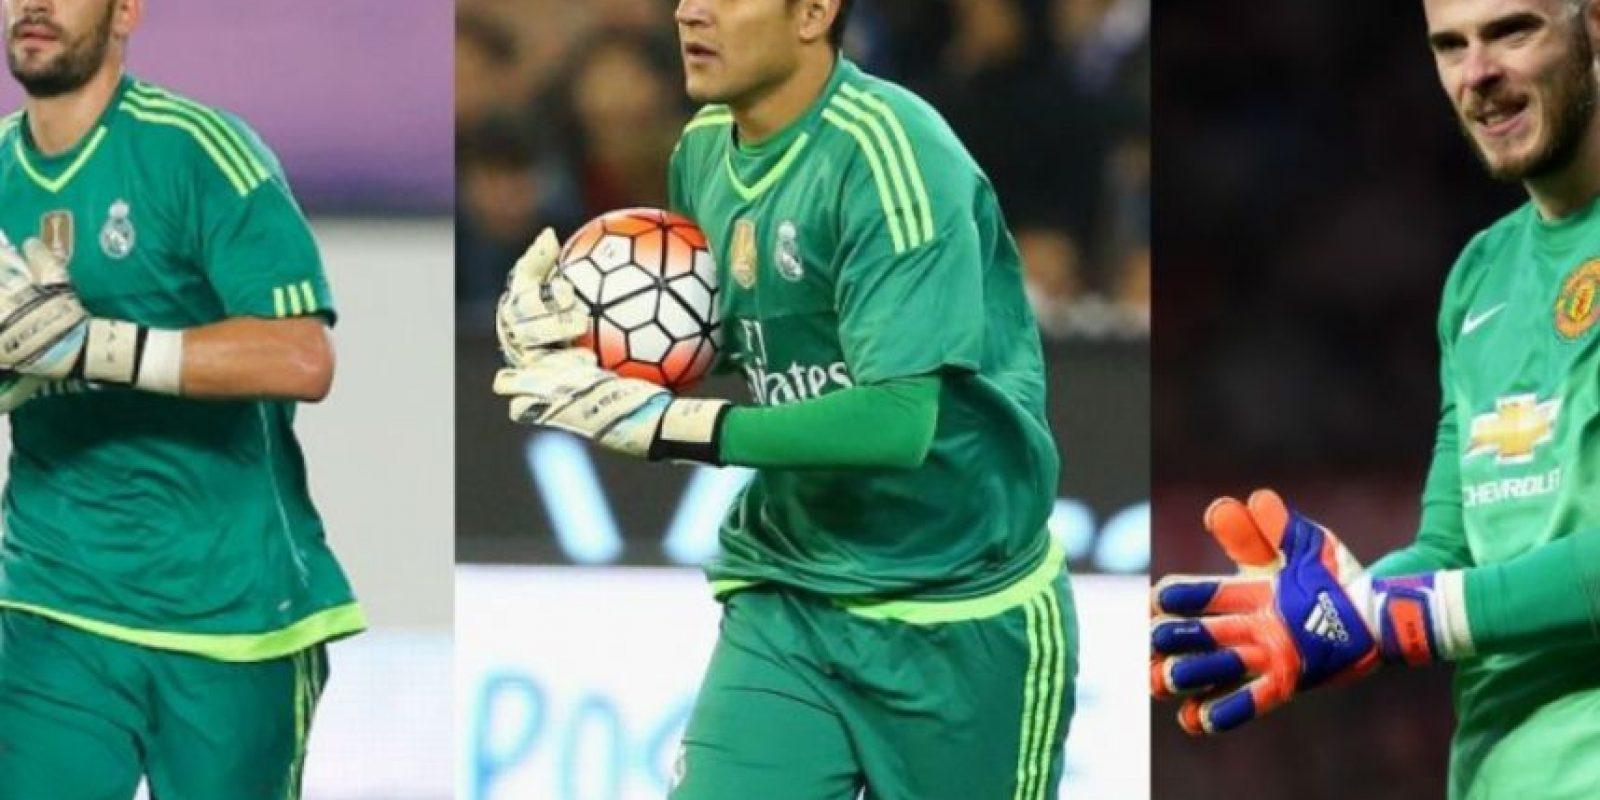 El puesto de portero del Real Madrid está en el centro de atención. La salida de Iker Casillas y la posible llegada de David de Gea, lo que afecta directamente a Keylor Navas. Foto:Getty Images